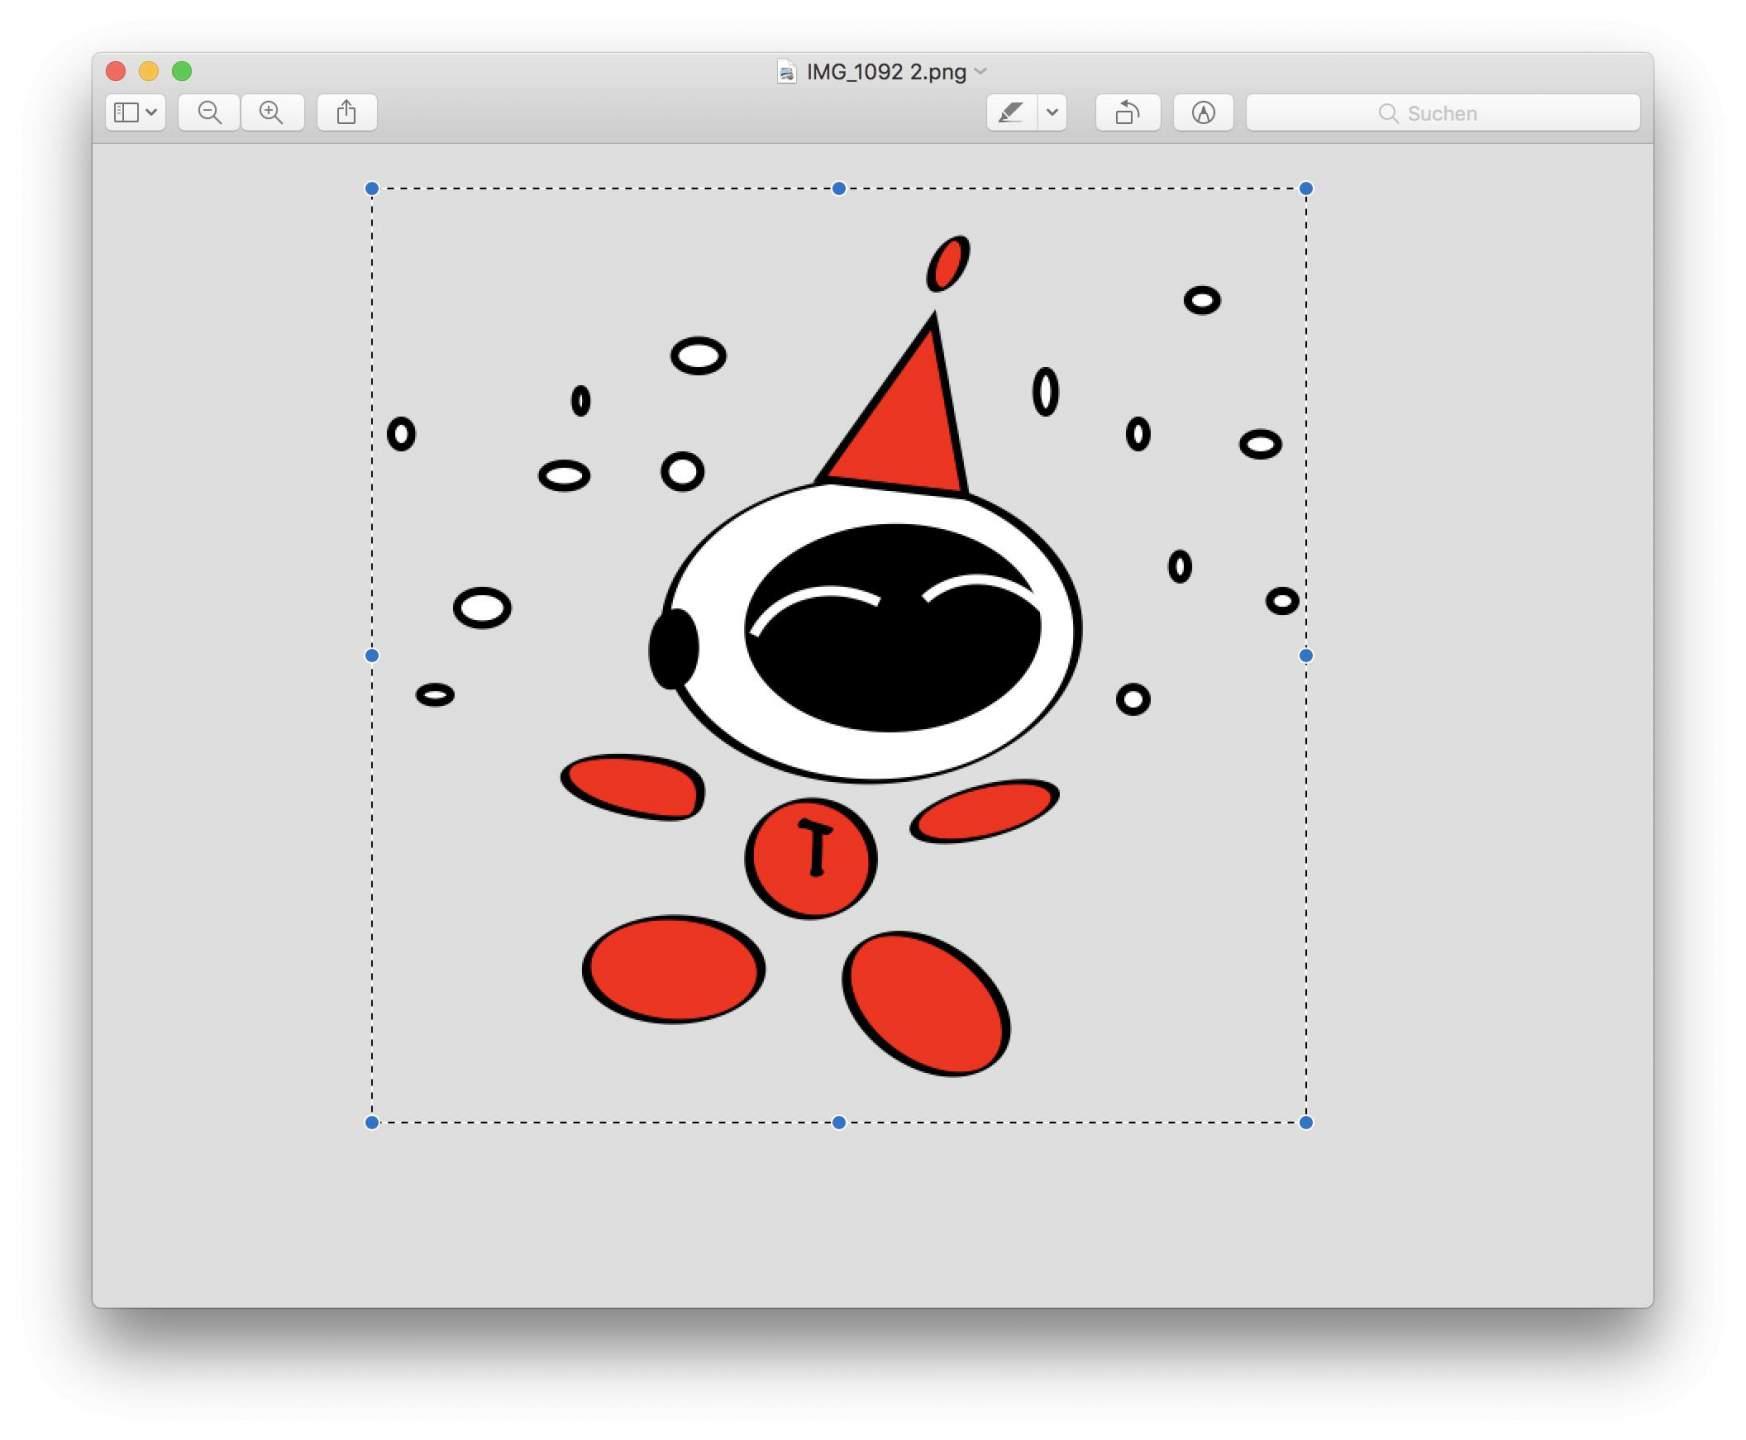 Was viele nicht wissen: Mit gedrückter Shift-Taste könnt Ihr quadratische Ausschnitte in Vorschau erstellen.